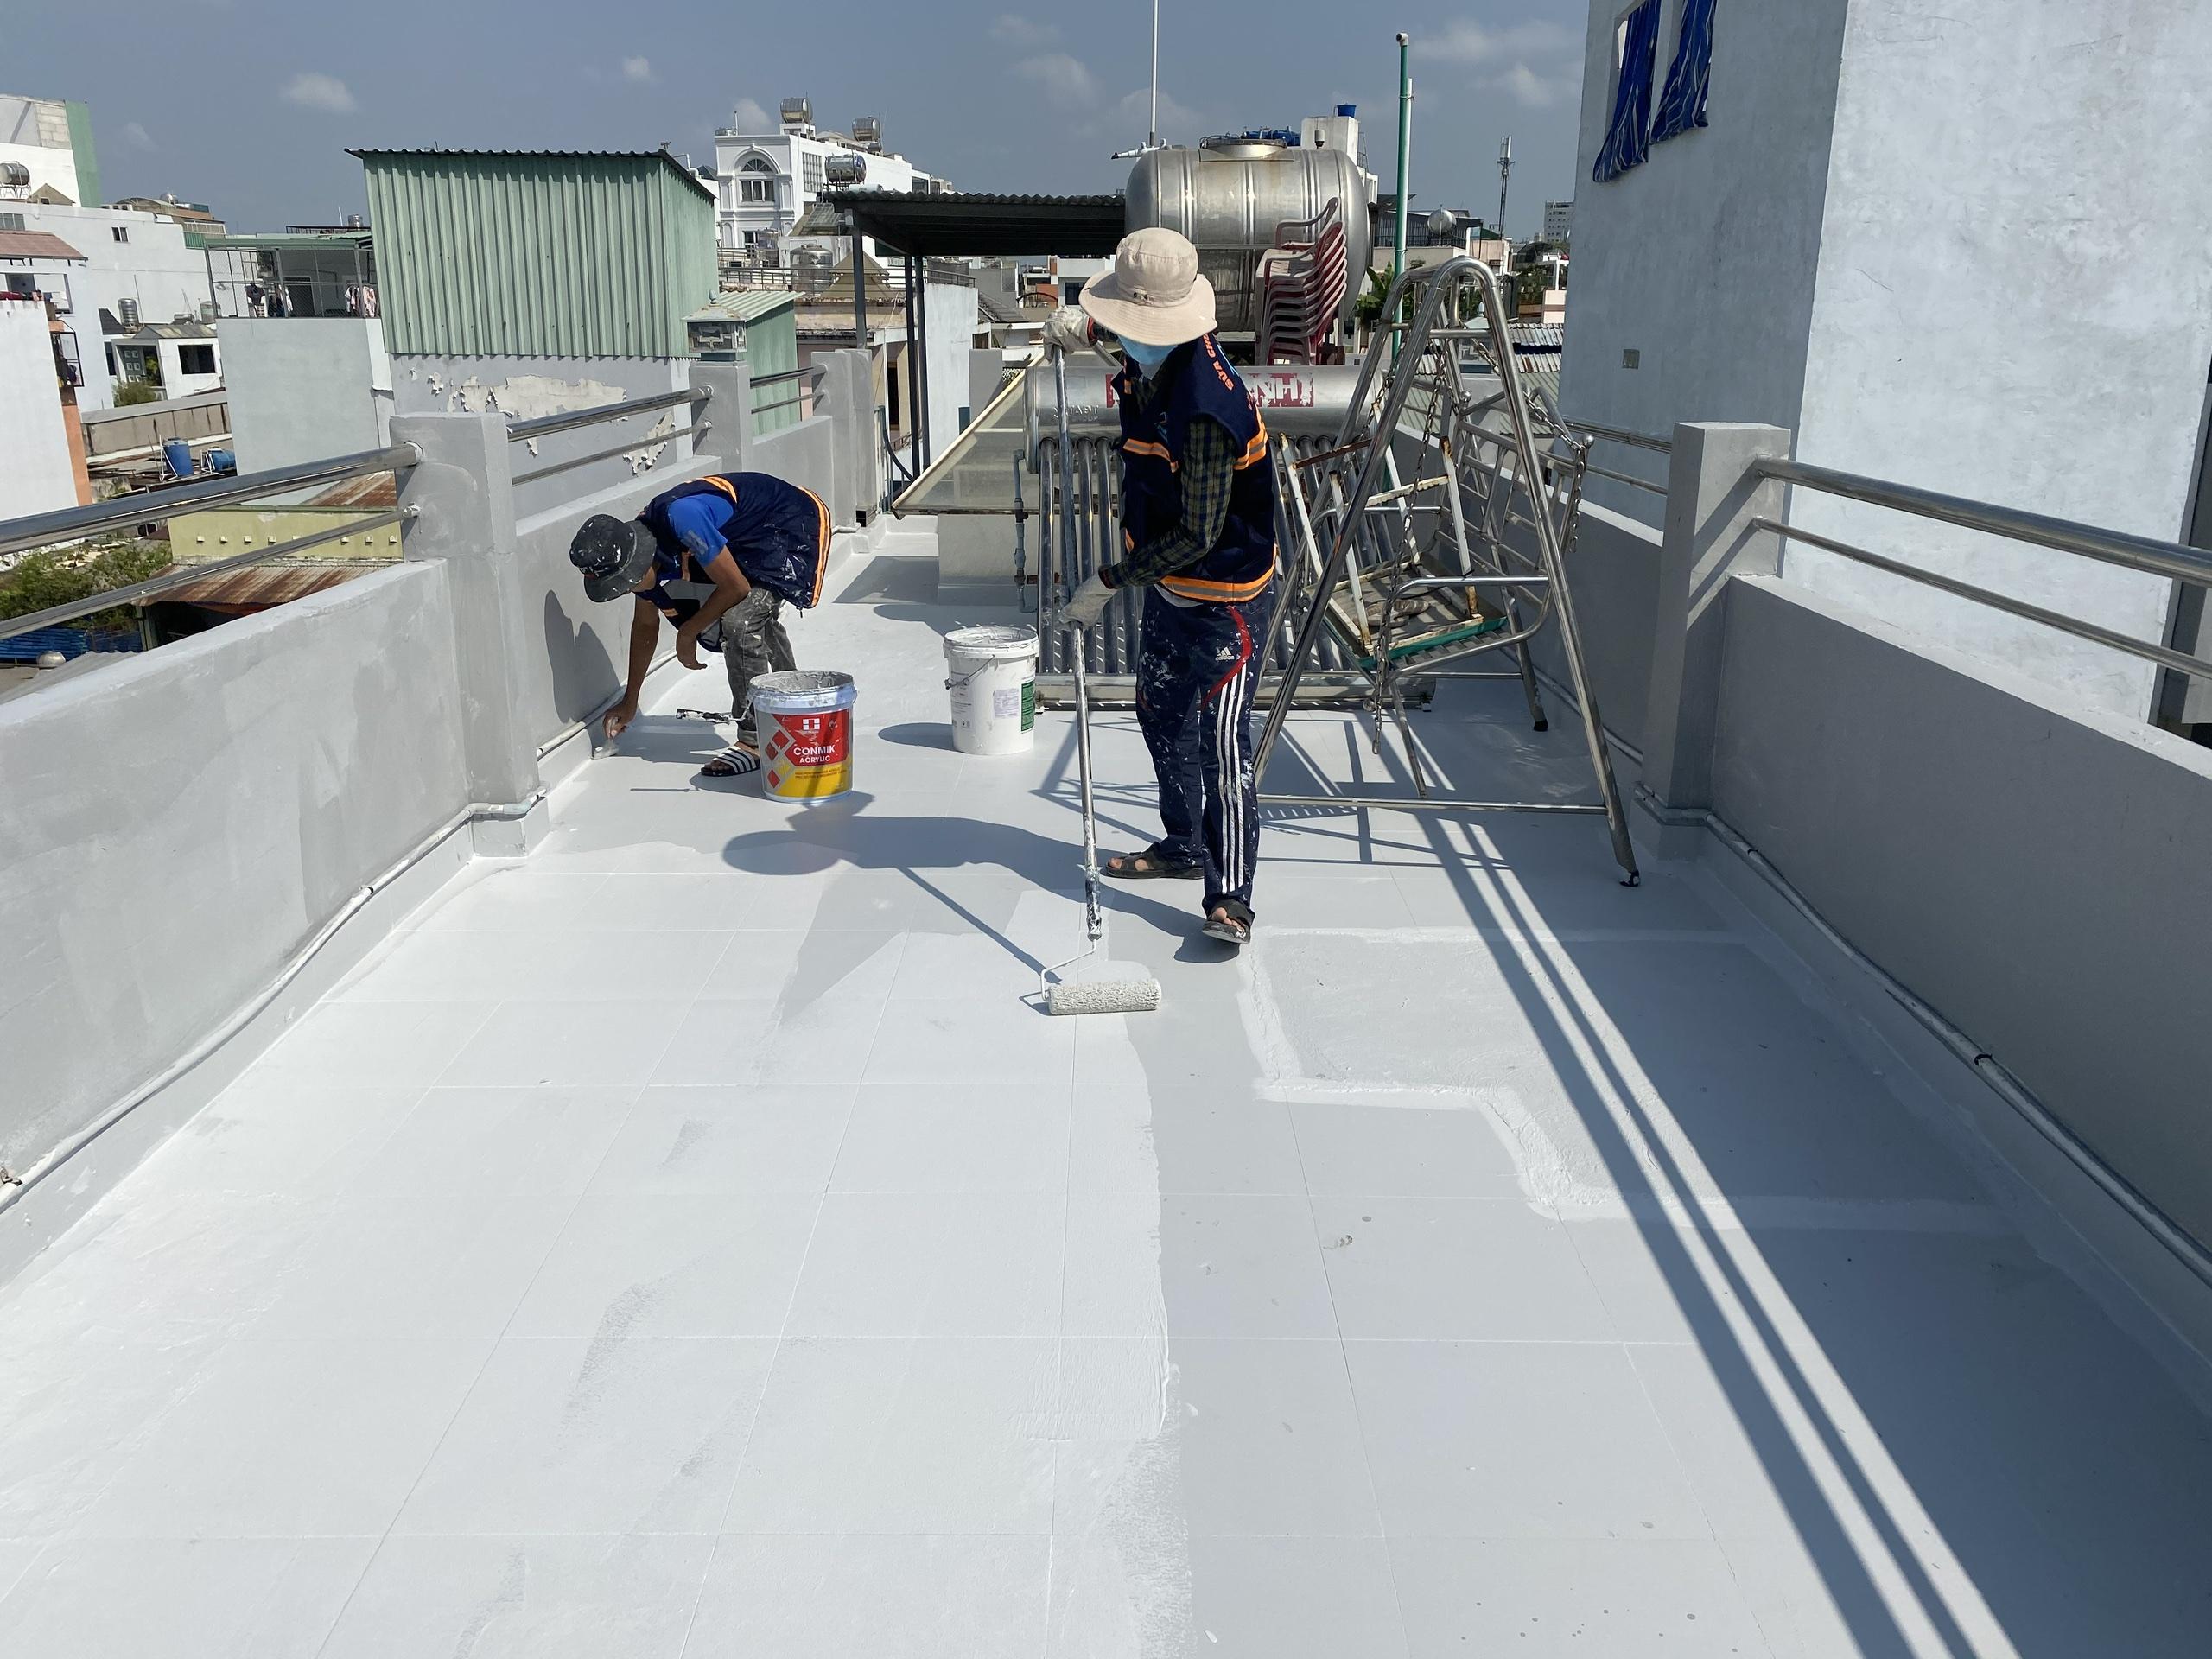 vat lieu chong tham san thuong 12 - 5 Vật liệu chống thấm sân thượng tốt nhất đảm bảo chất lượng hiện nay